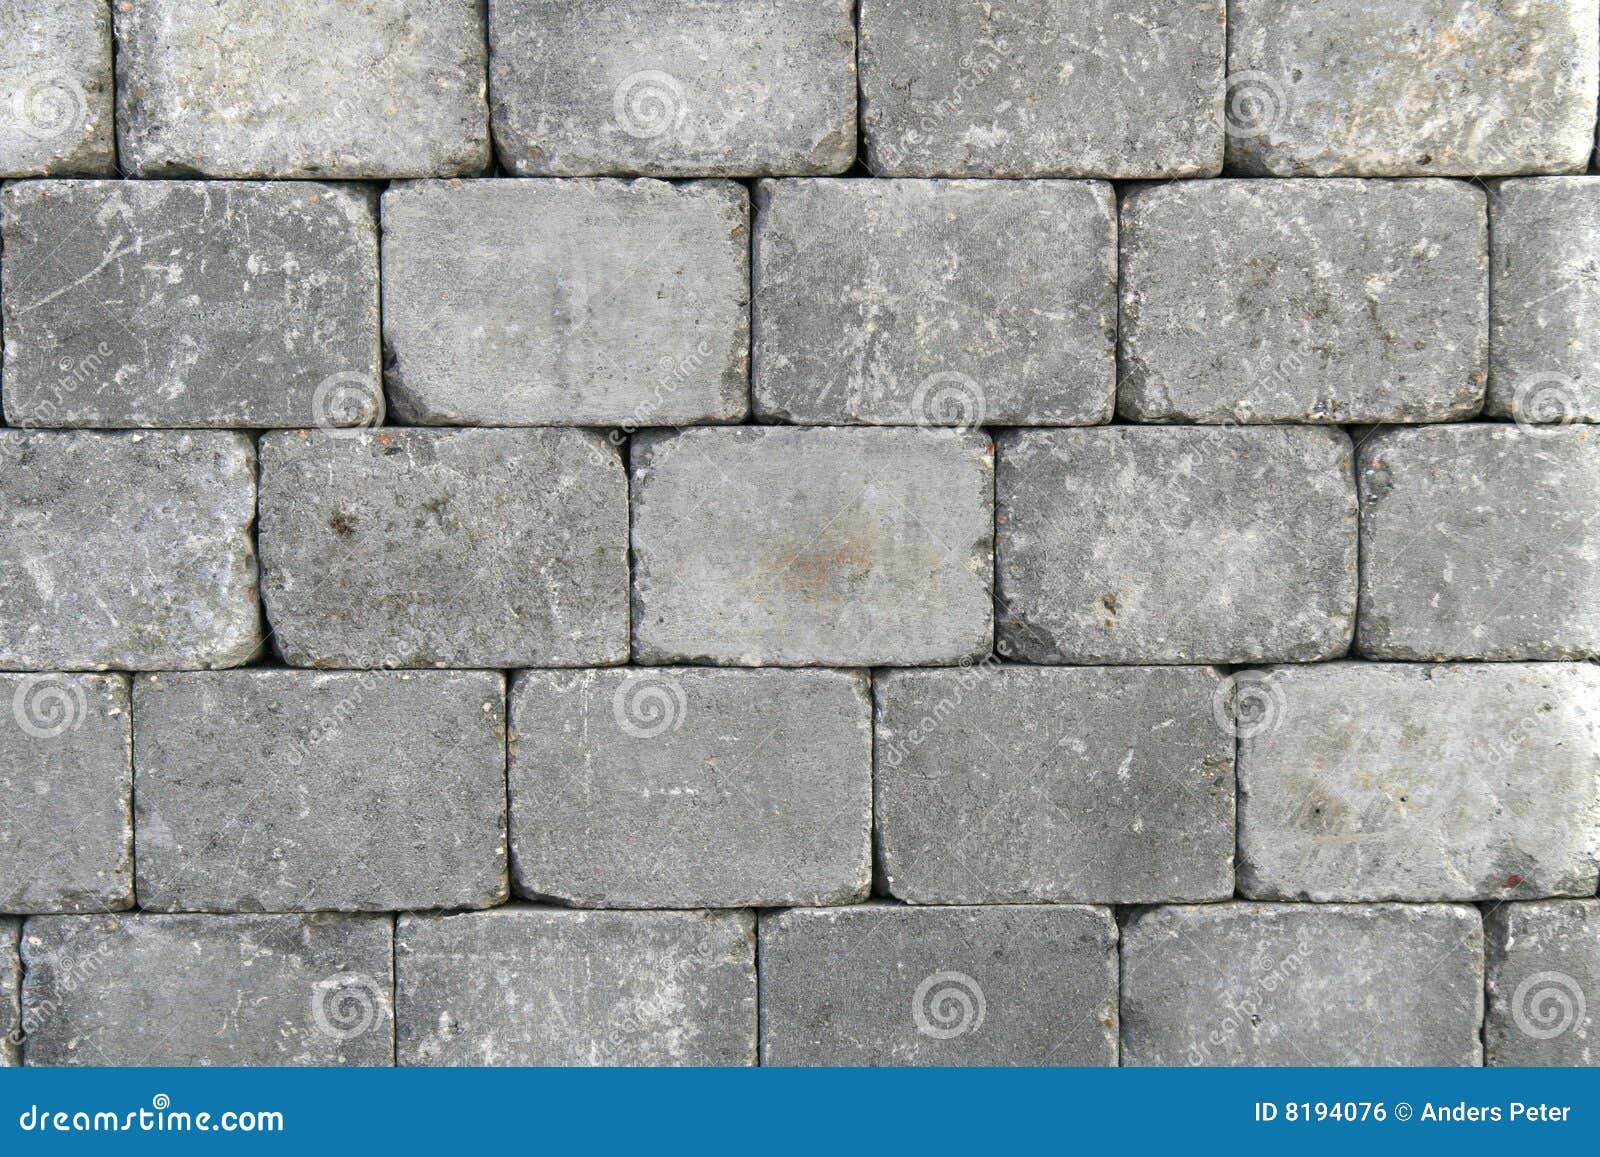 Granite Stone Blocks : Rough granite block wall royalty free stock image